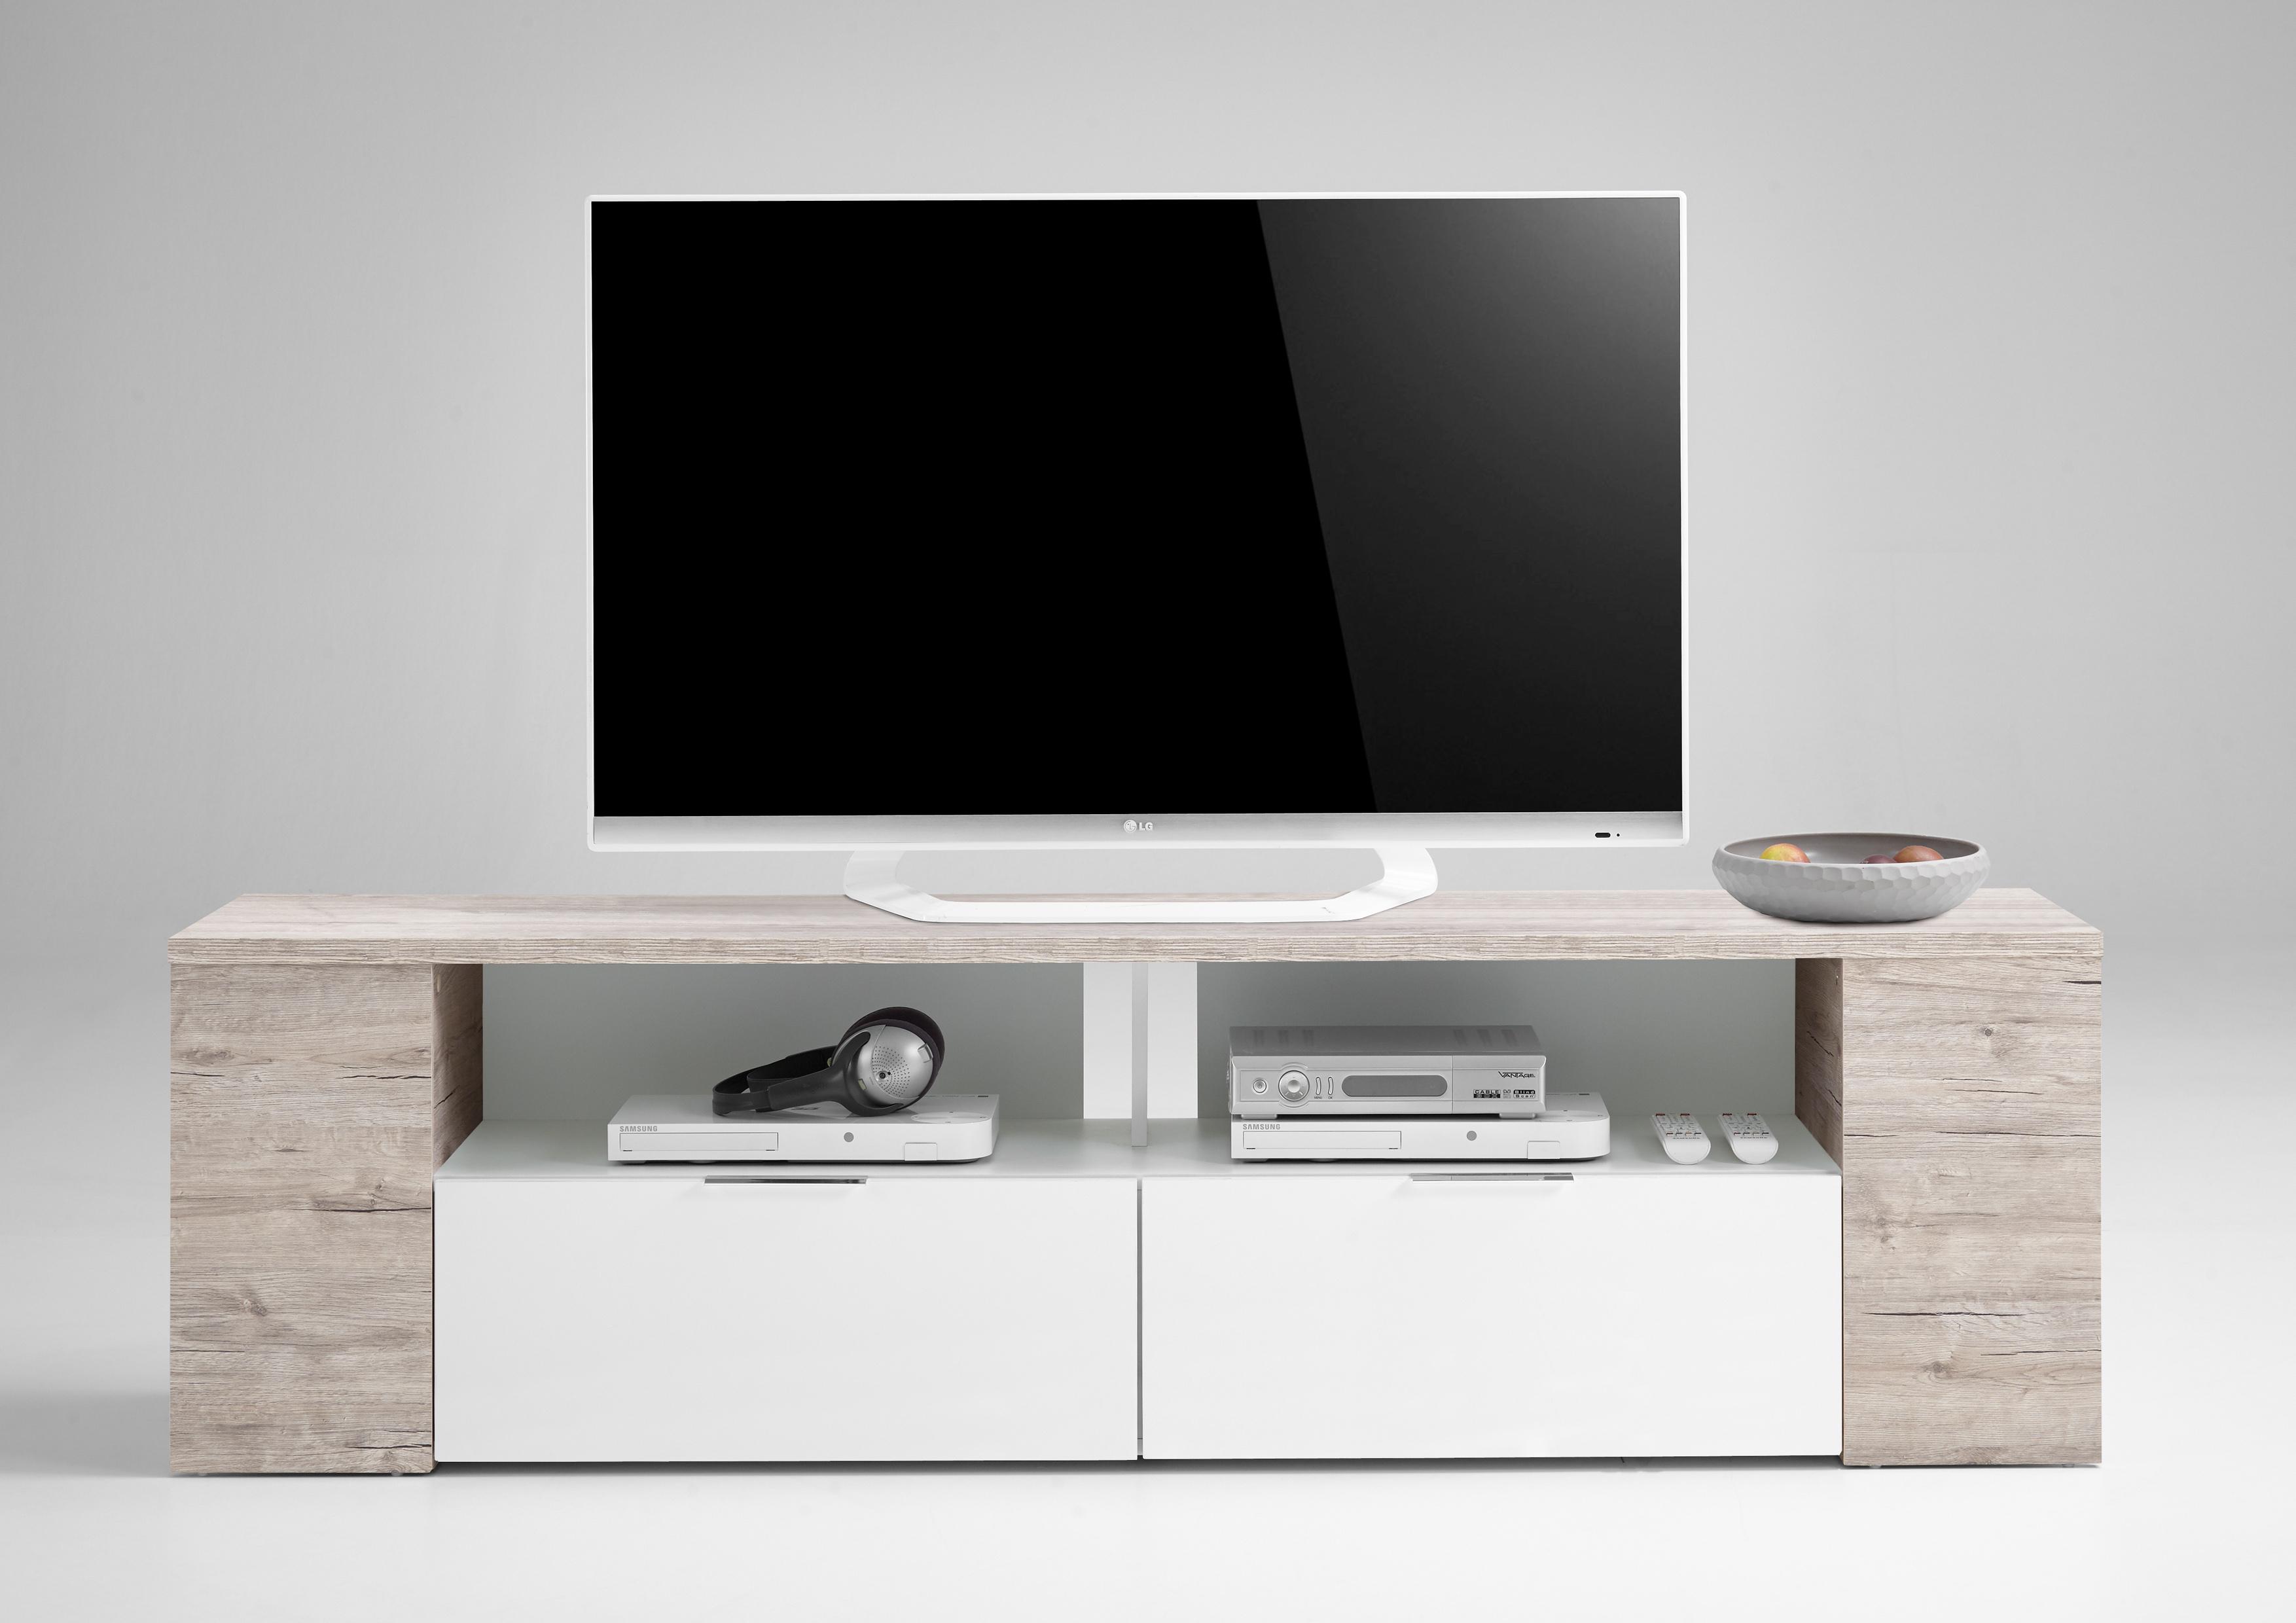 TABOR 2 TV/Hifi Element Sandeiche Nb/weiß